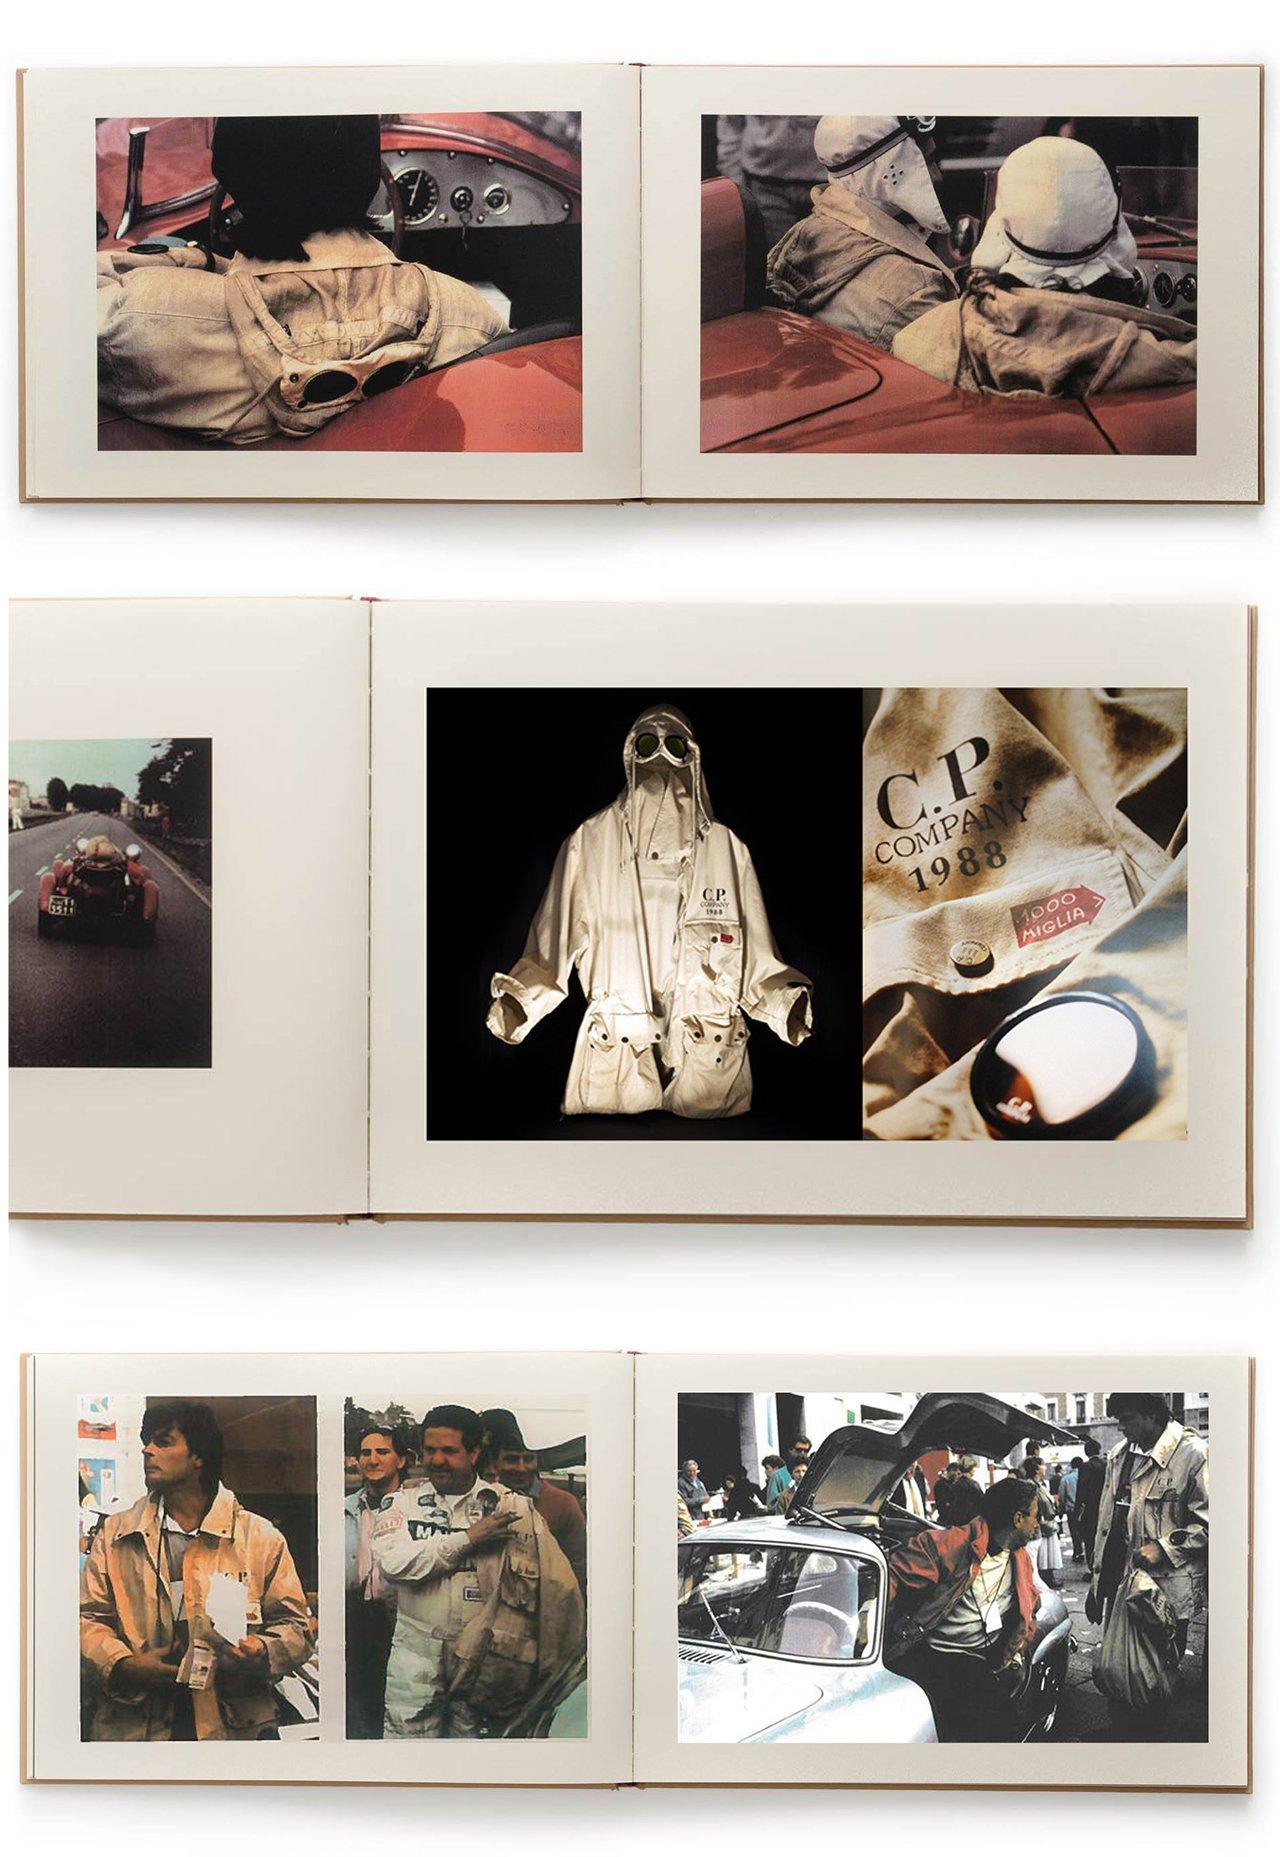 CP Company - Goggle Jacket - Mille Miglia Archive